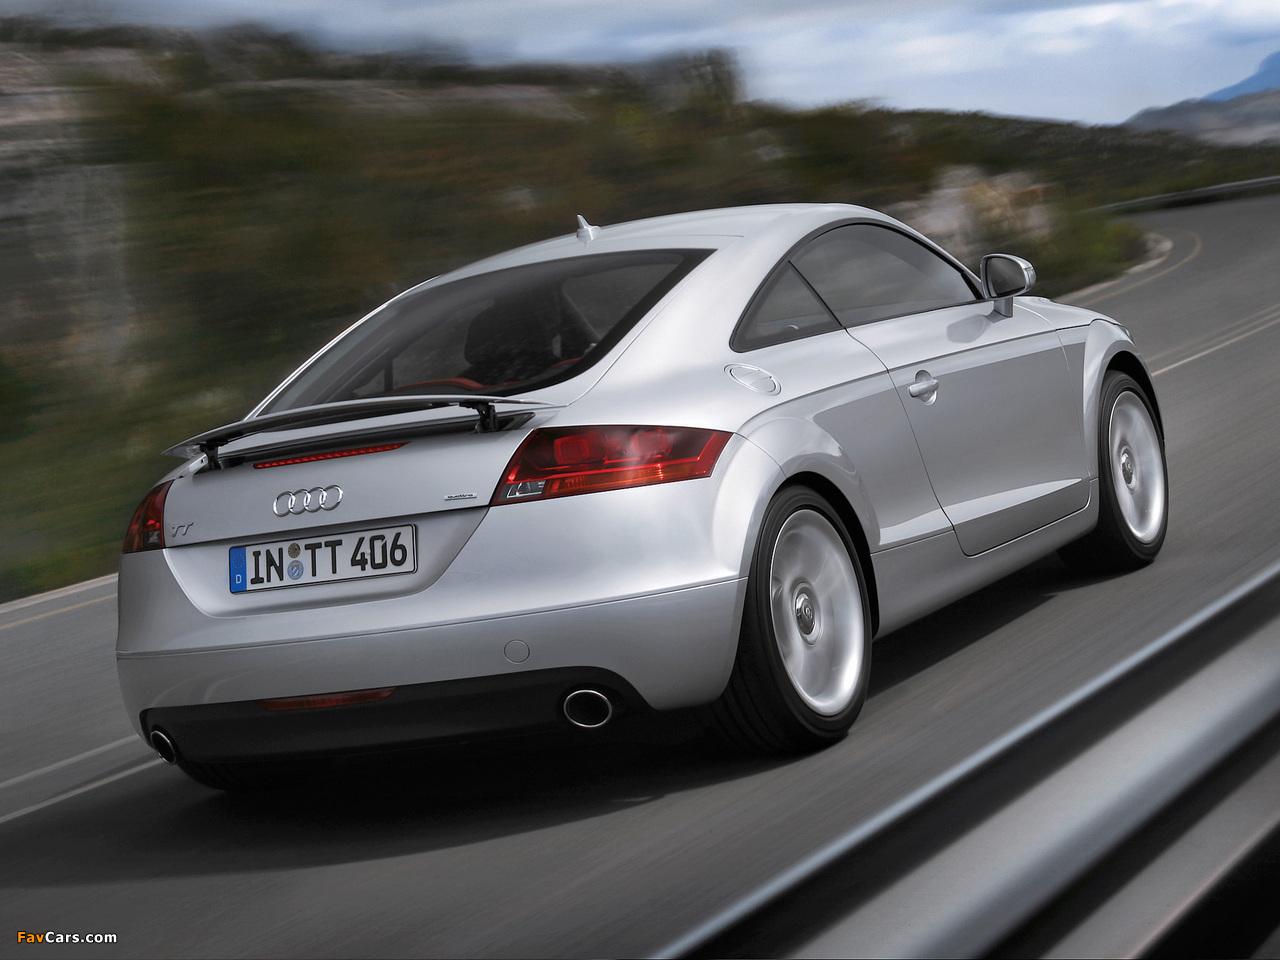 Pictures Of Audi Tt 3 2 Quattro Coupe 8j 2006 10 1280x960